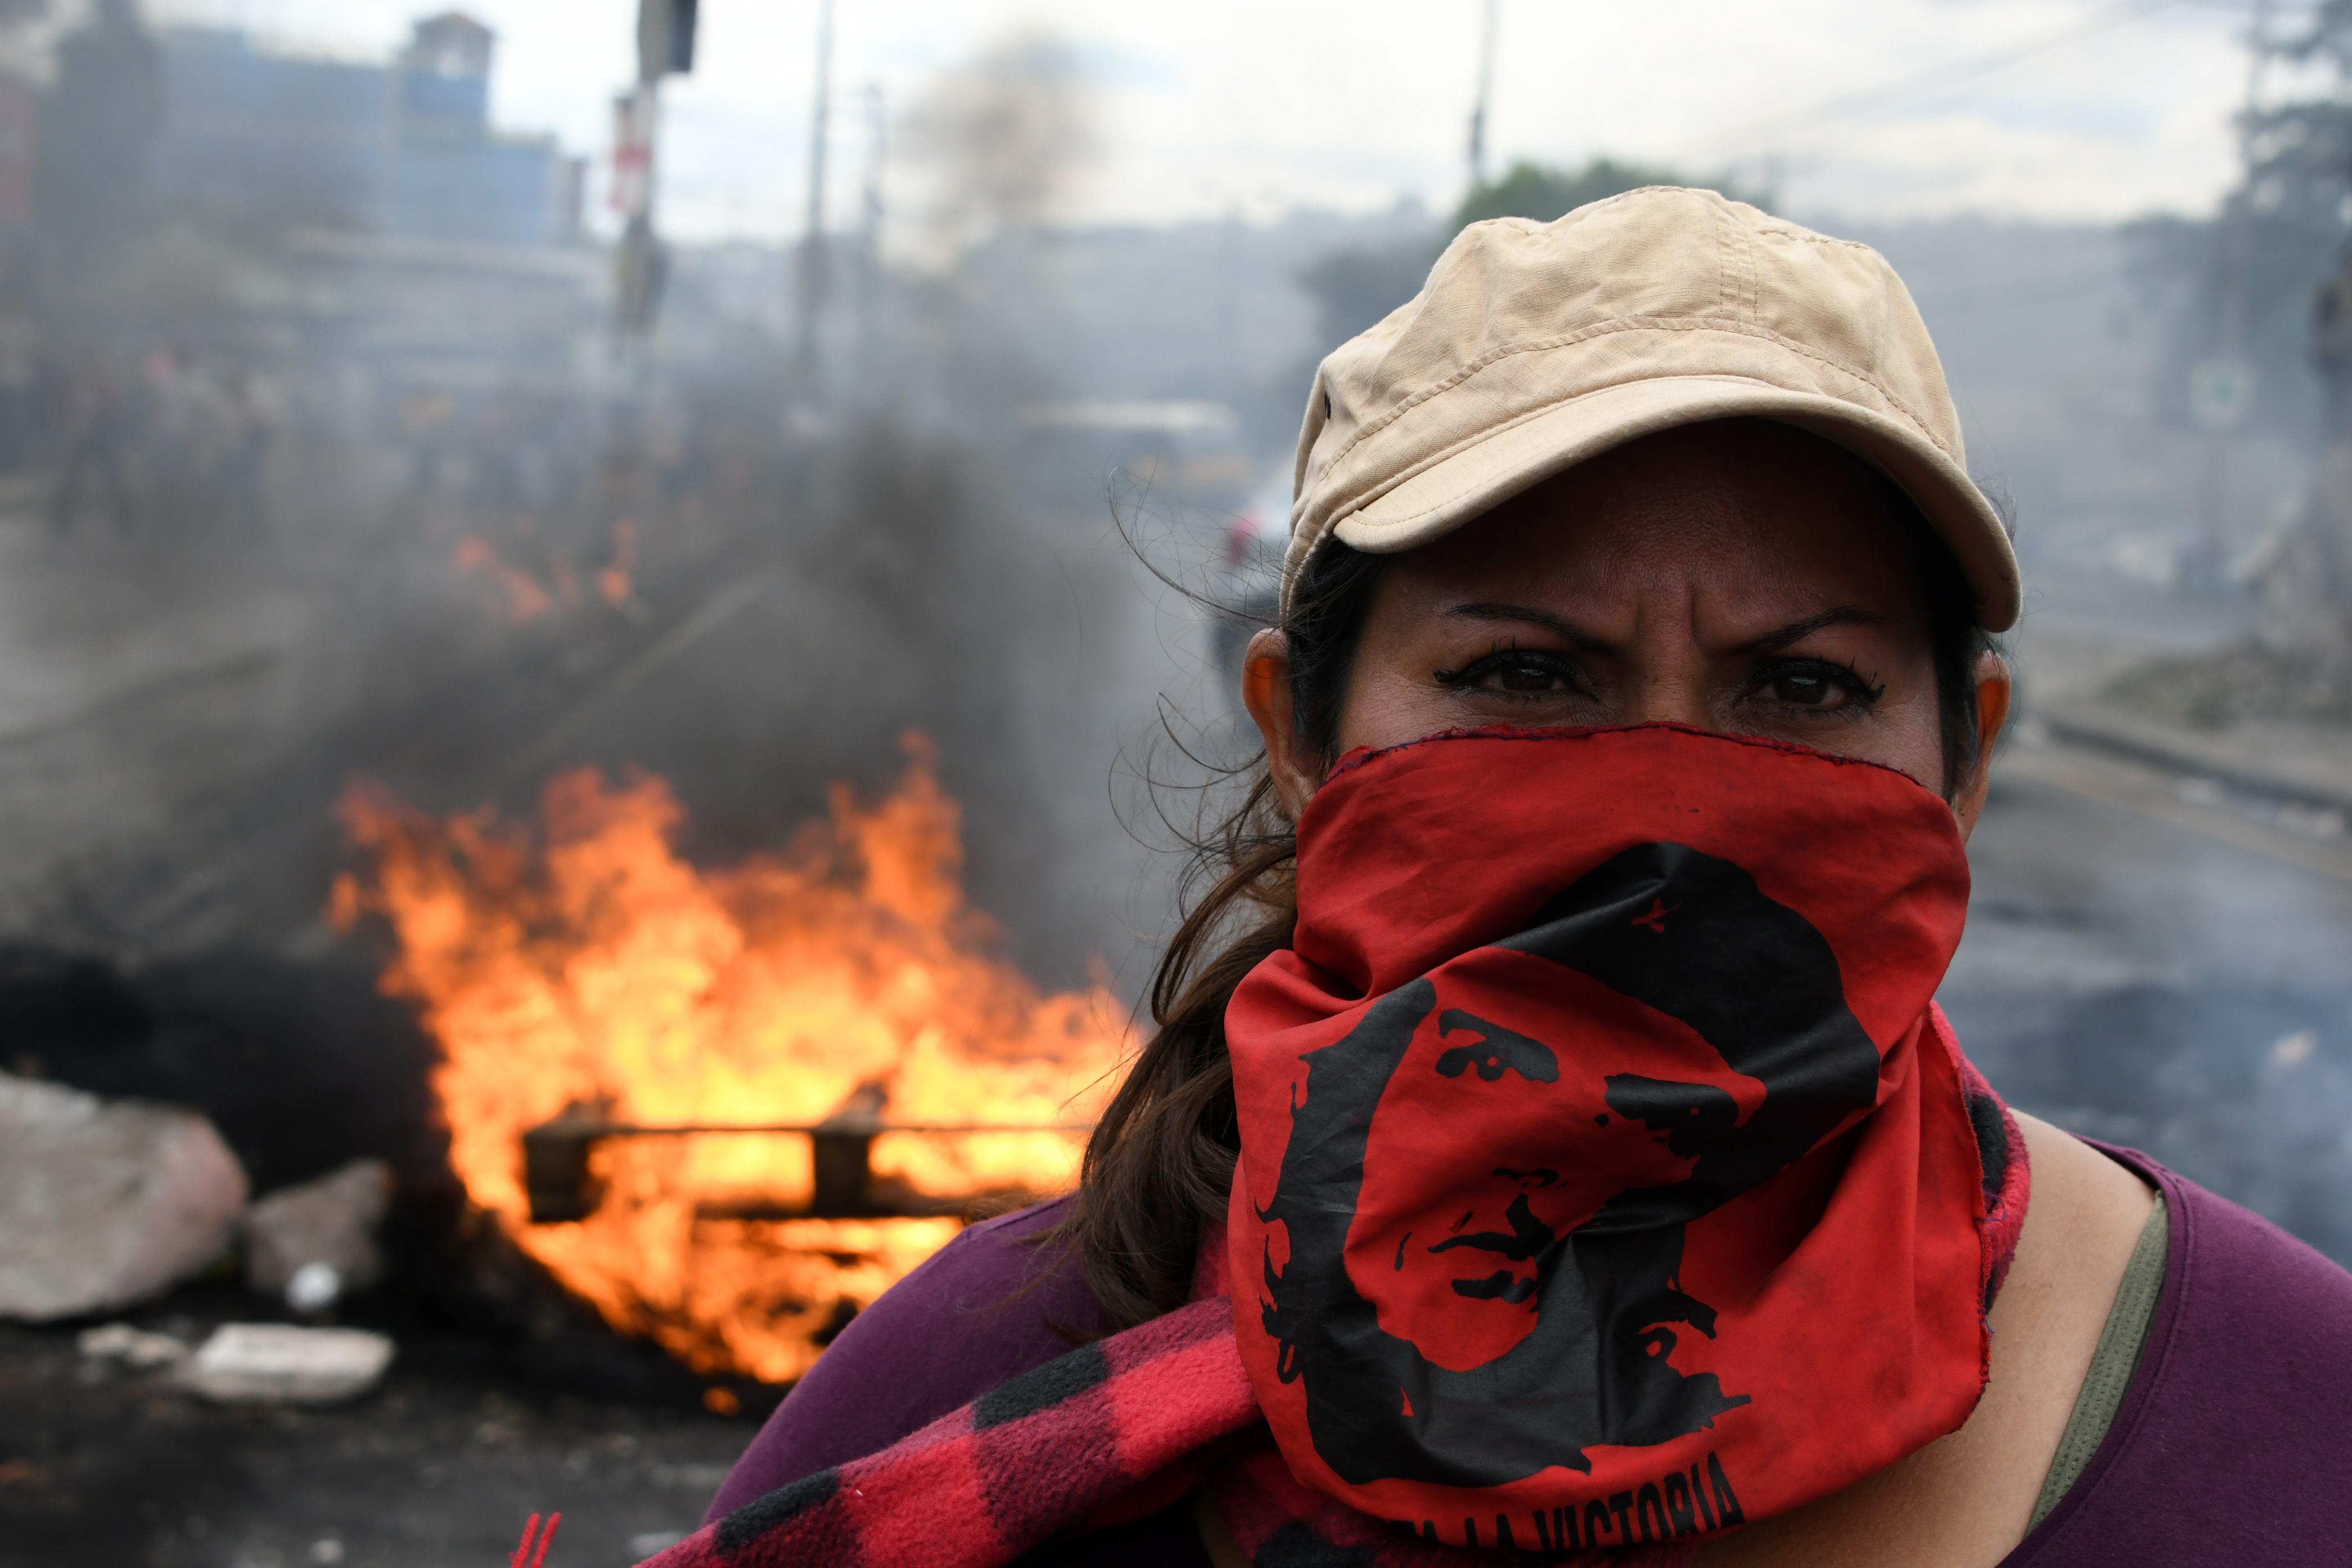 Rendkívüli állapotot vezettek be Hondurasban, hogy megfékezzék az elnökválasztás után elszabadult zavargásokat